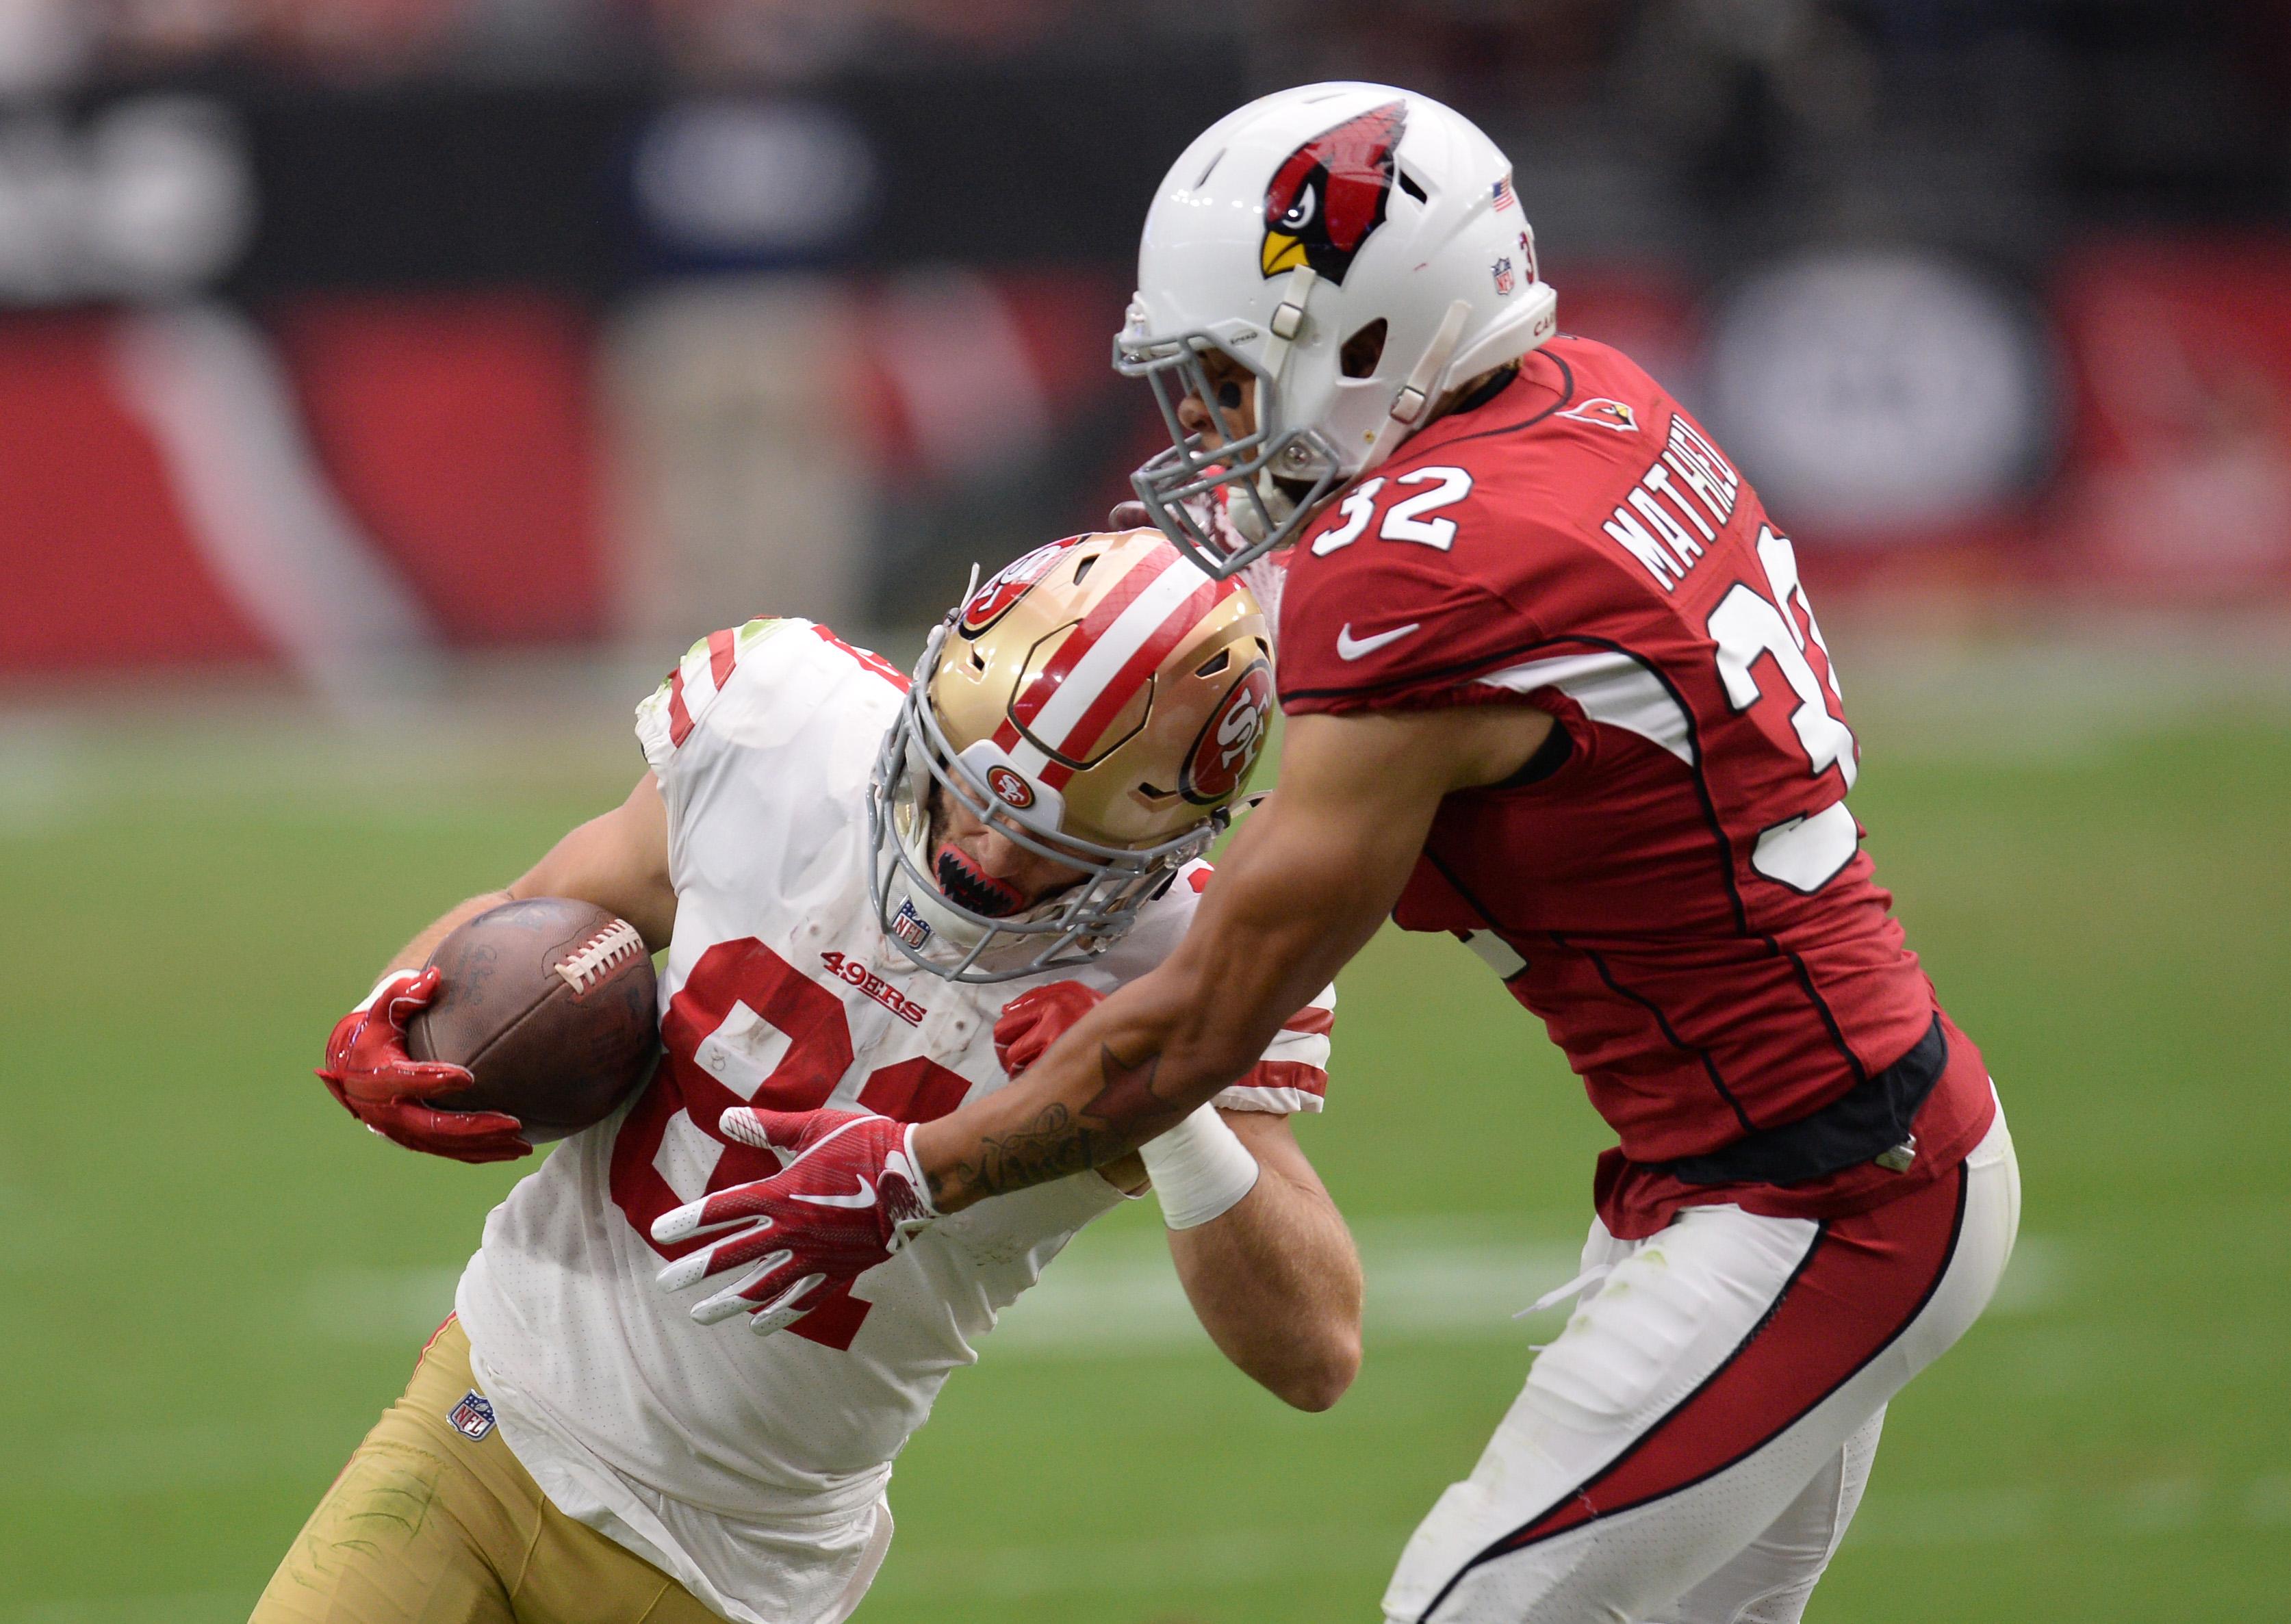 NFL: San Francisco 49ers at Arizona Cardinals